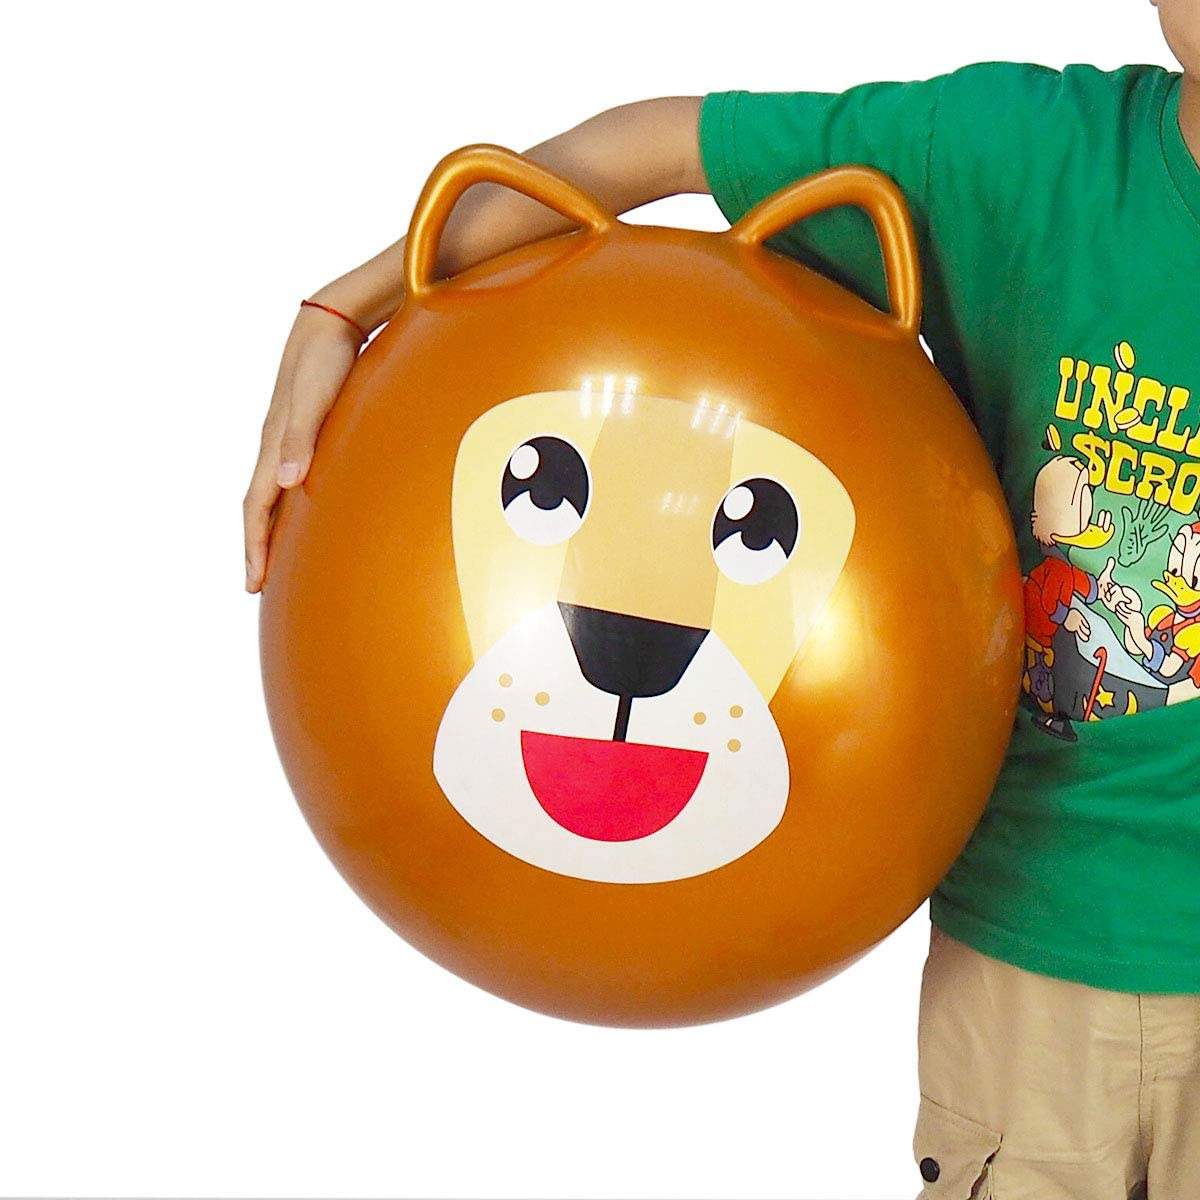 YHSBUY Space Hopper Ball for Kids 3-6,Lion Bouncy Ball with Handle,Space Hopper Ball 18 Include Pump